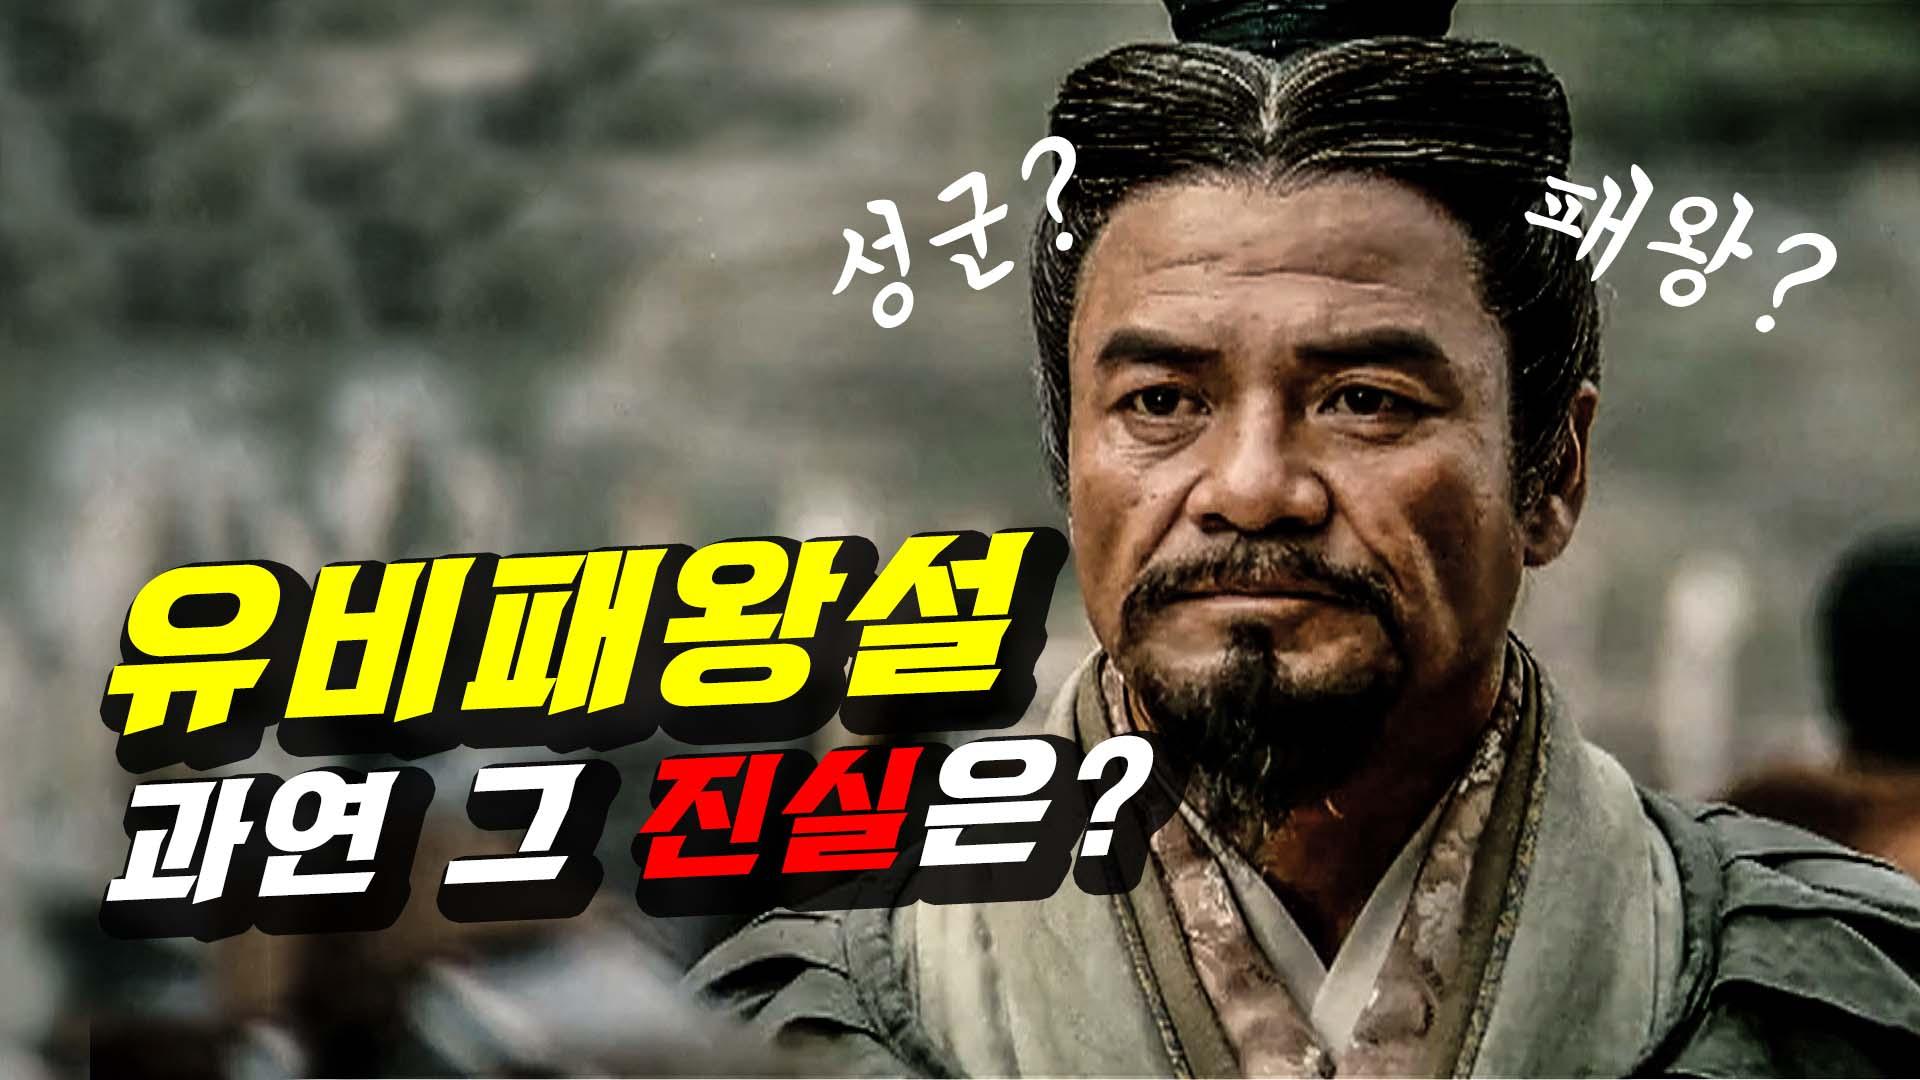 [순삭밀톡]삼국지뒤집기★유비,